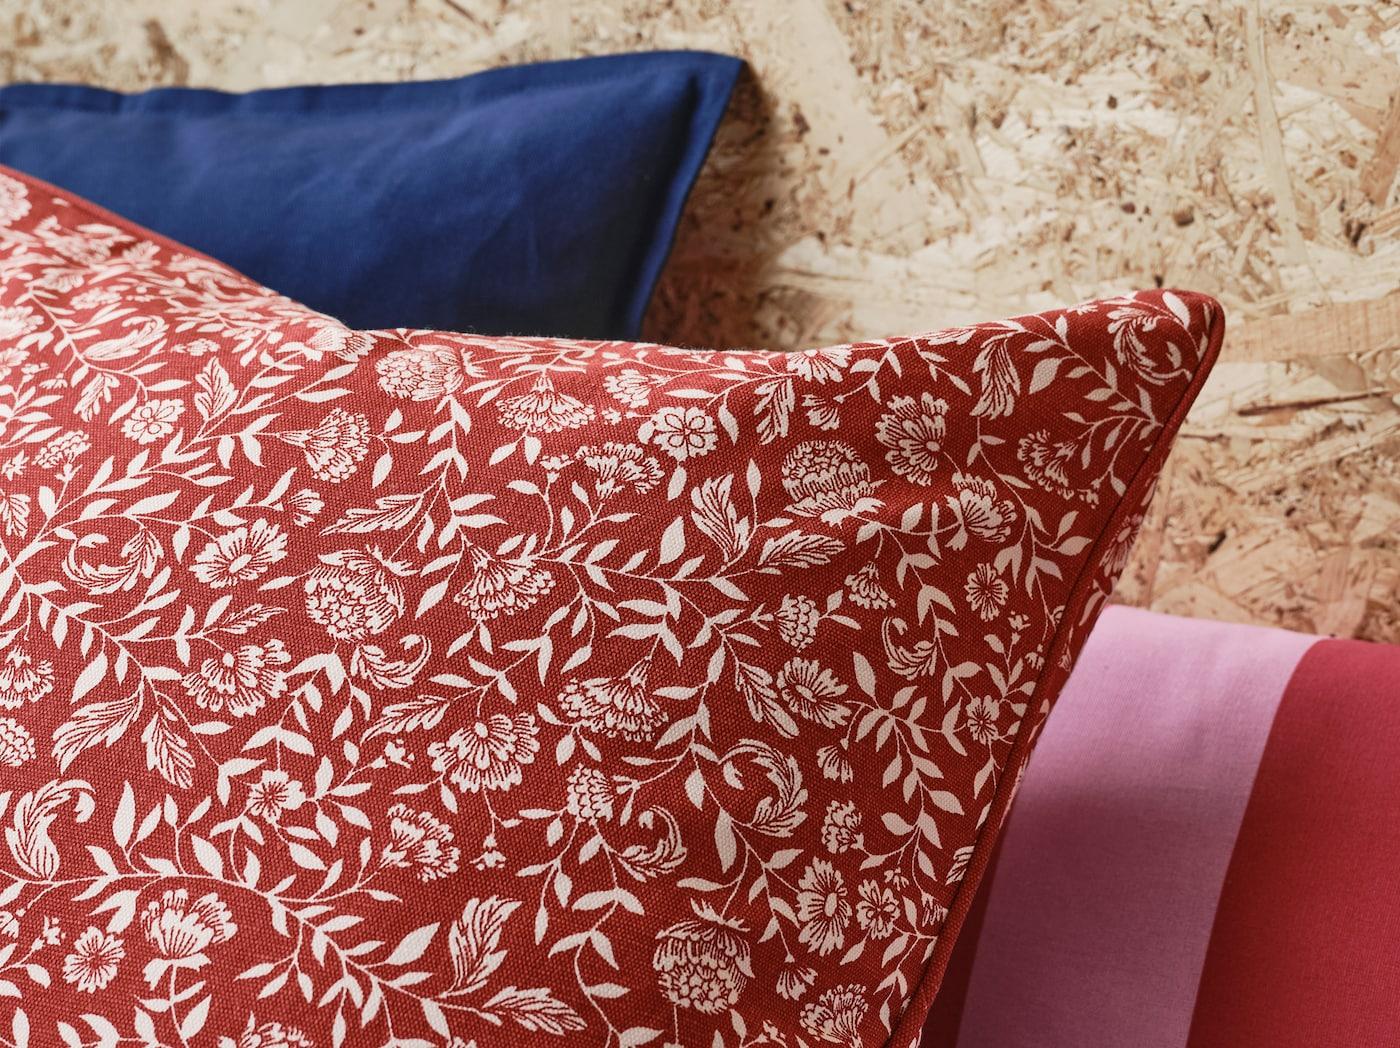 housse-coussin-EVALOUISE-motif-floral-scandinave-traditionnel-rouge-et-blanc.